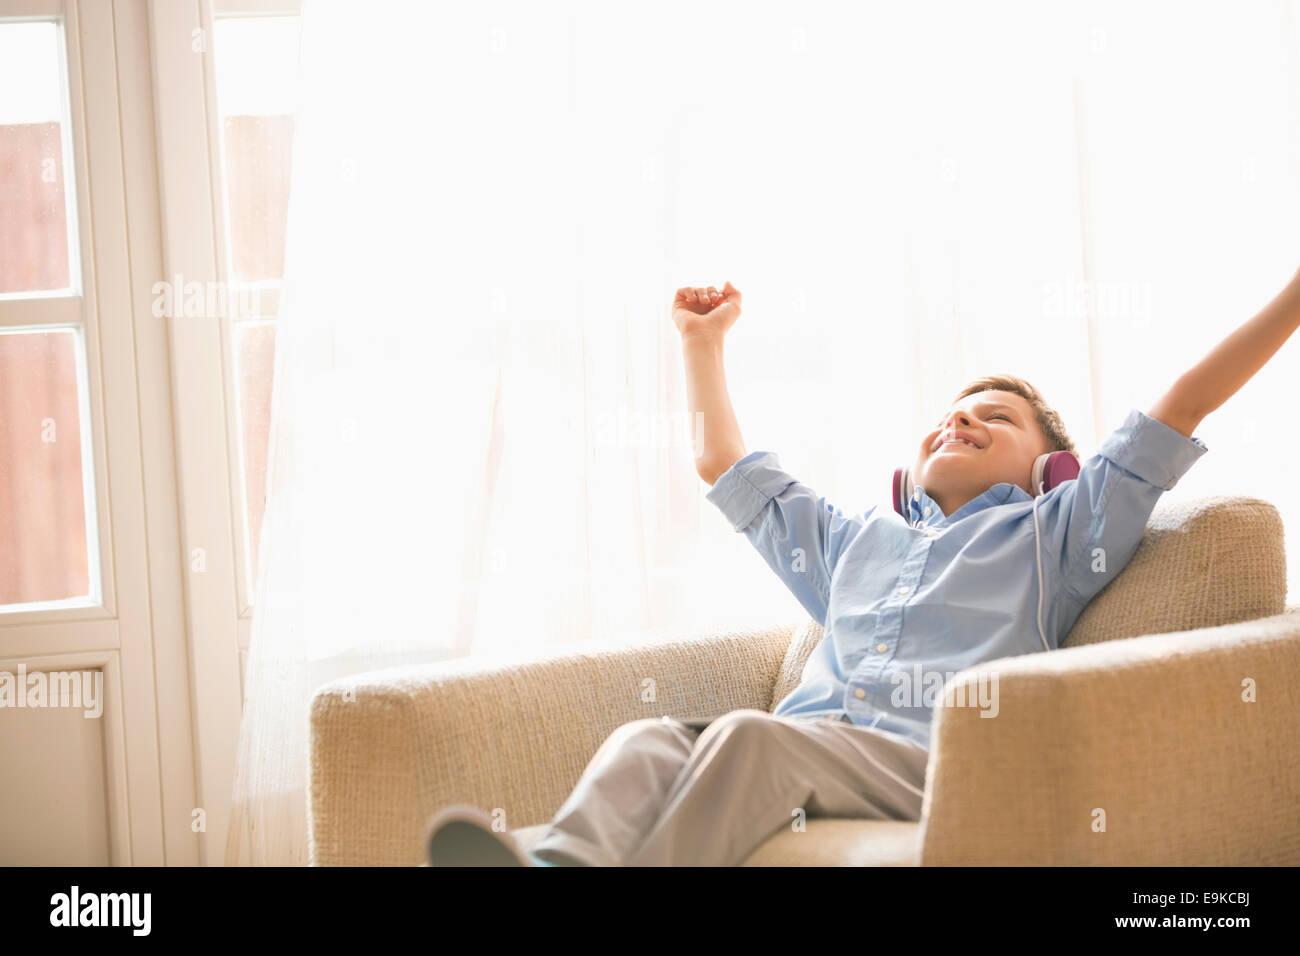 Muchacho feliz con los brazos levantados para disfrutar de la música mientras se relaja en un sillón en Imagen De Stock